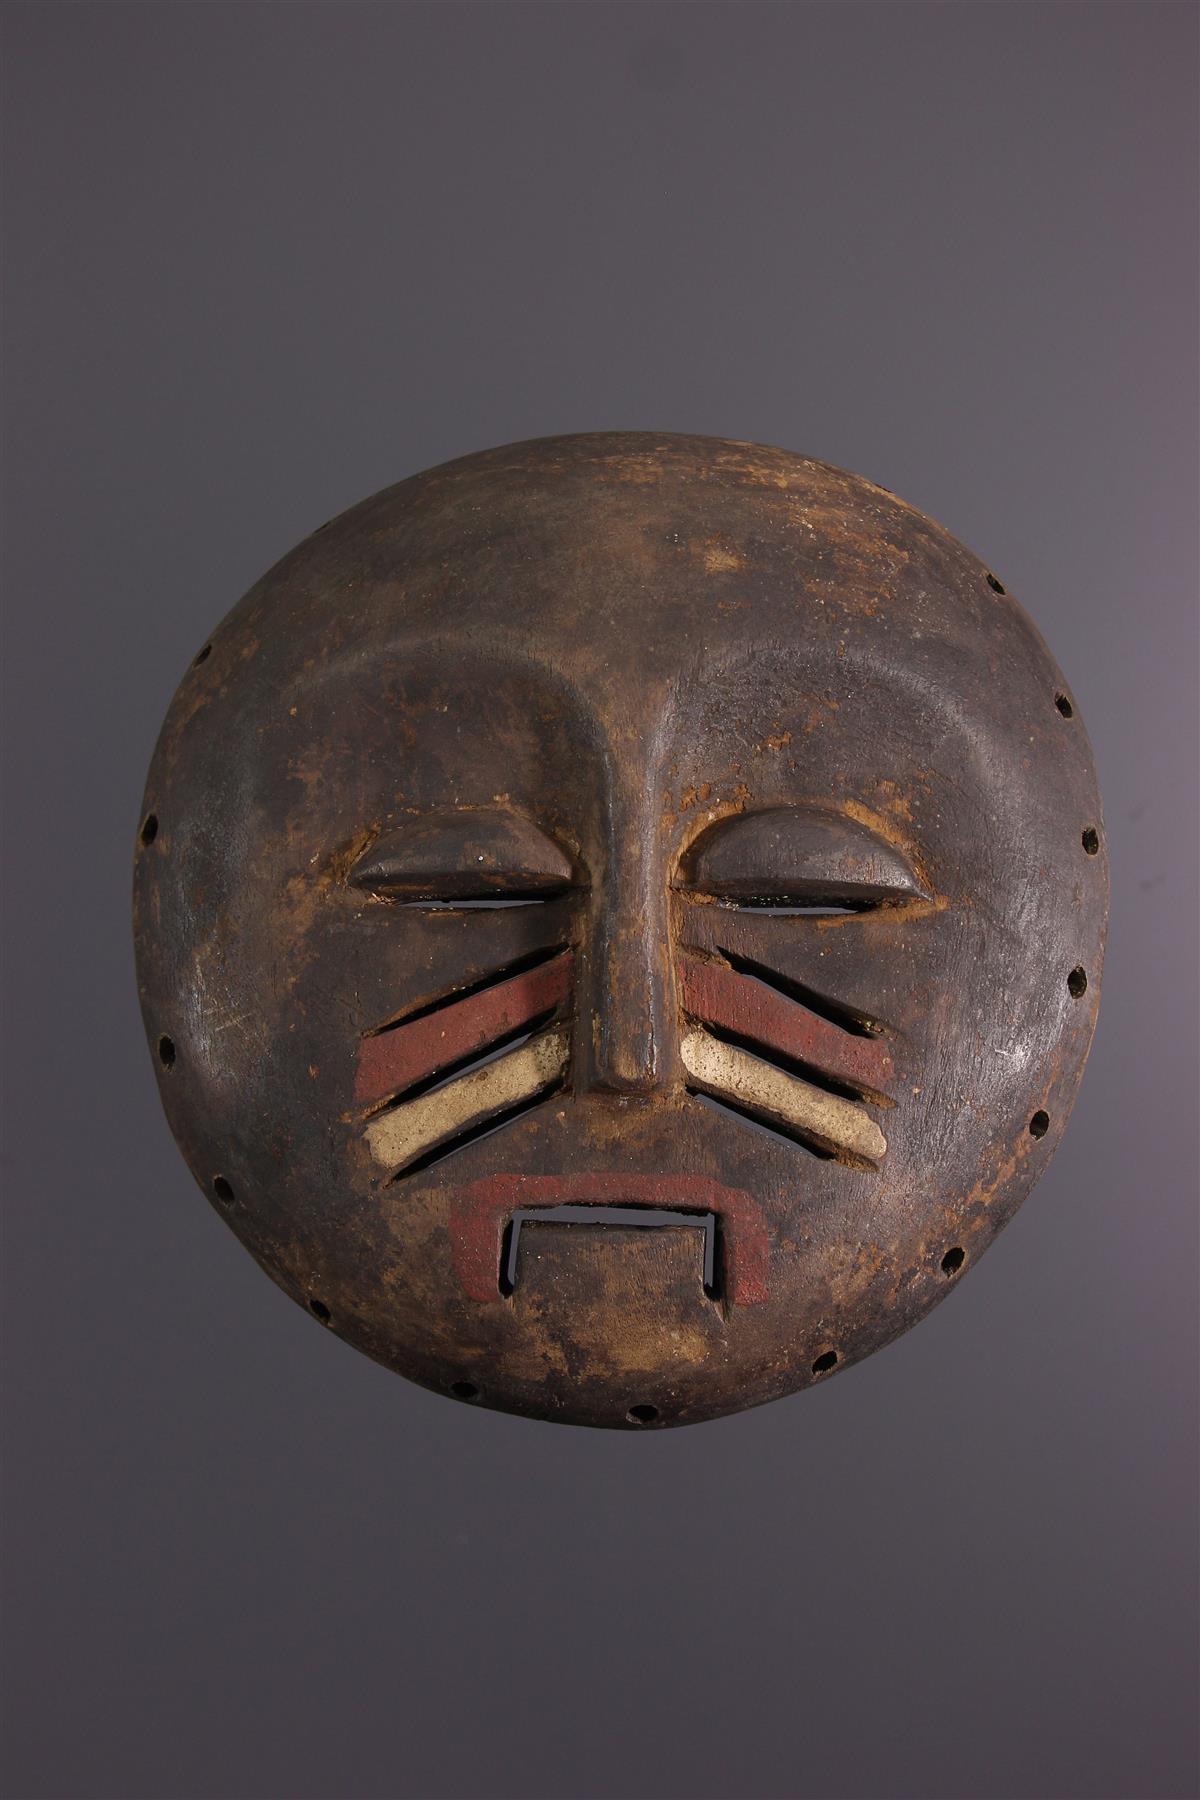 Yela mask - African art